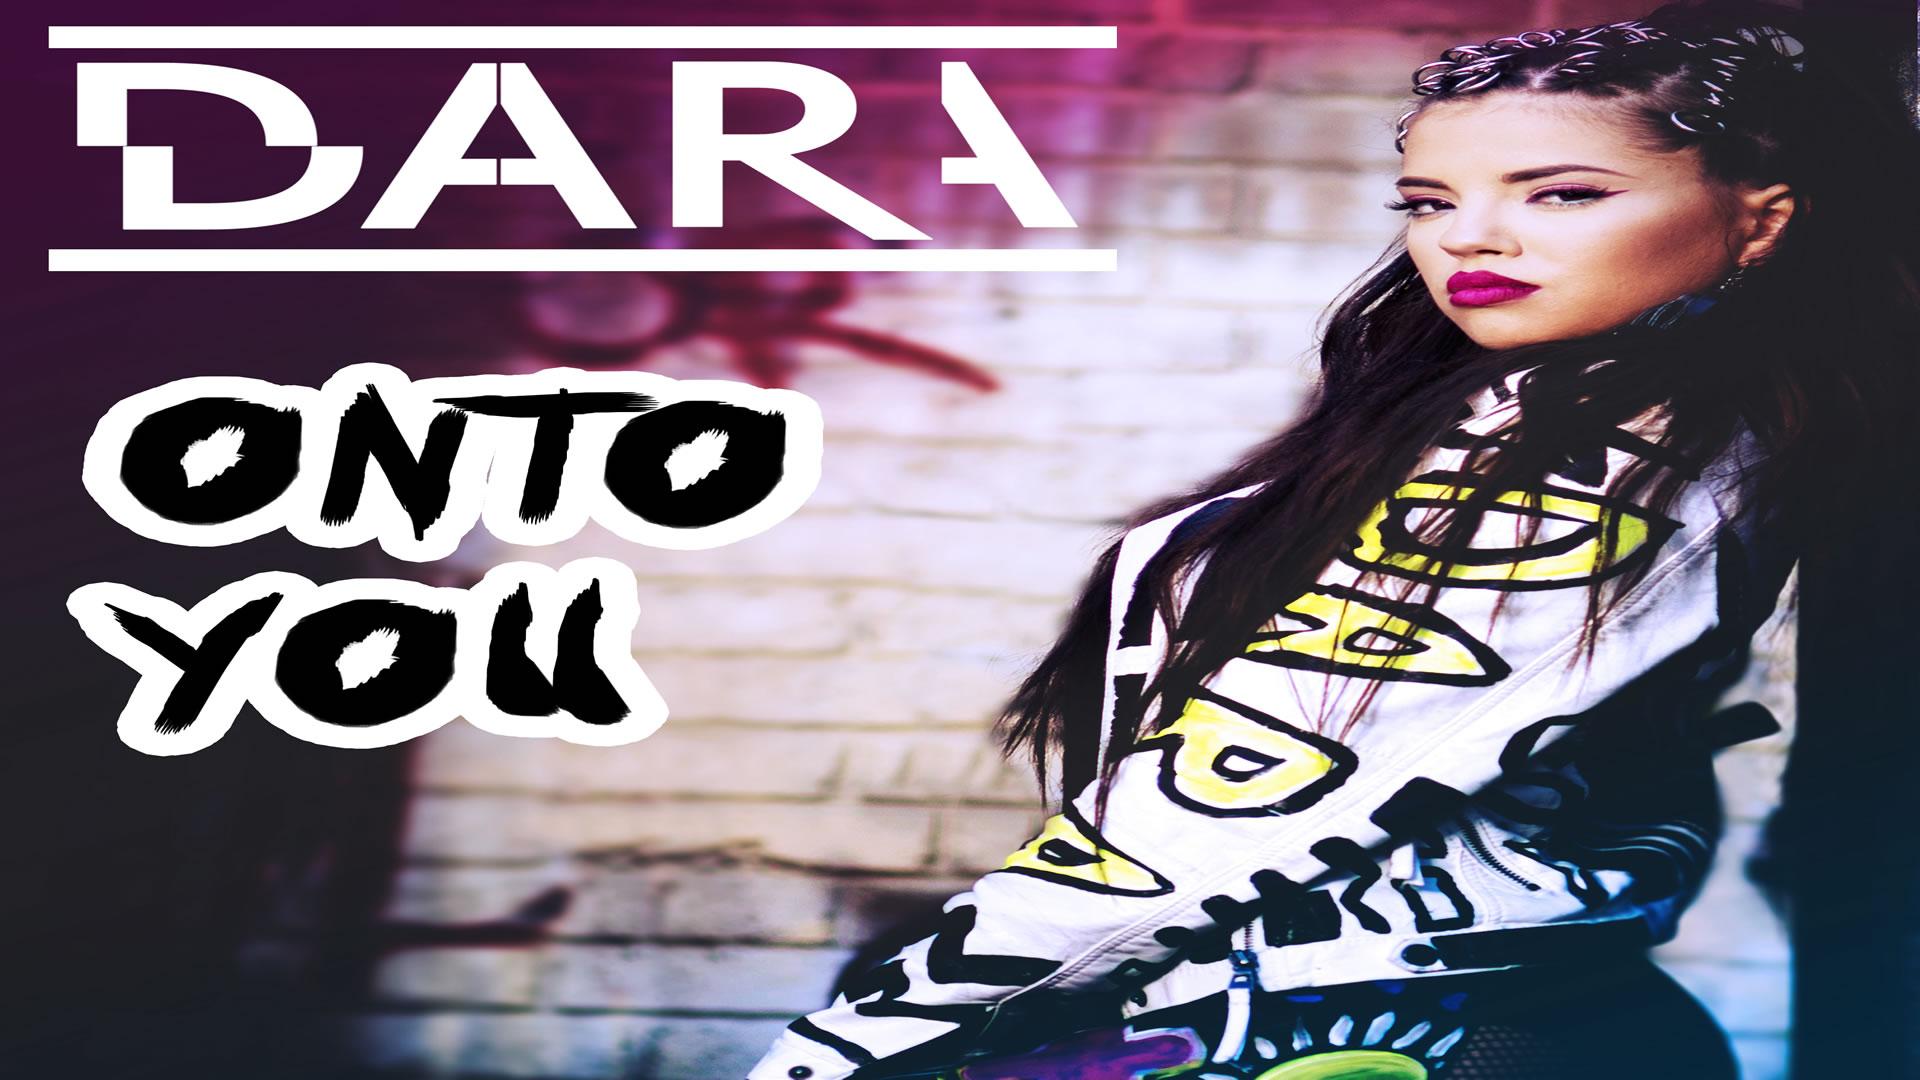 DARA - Onto You